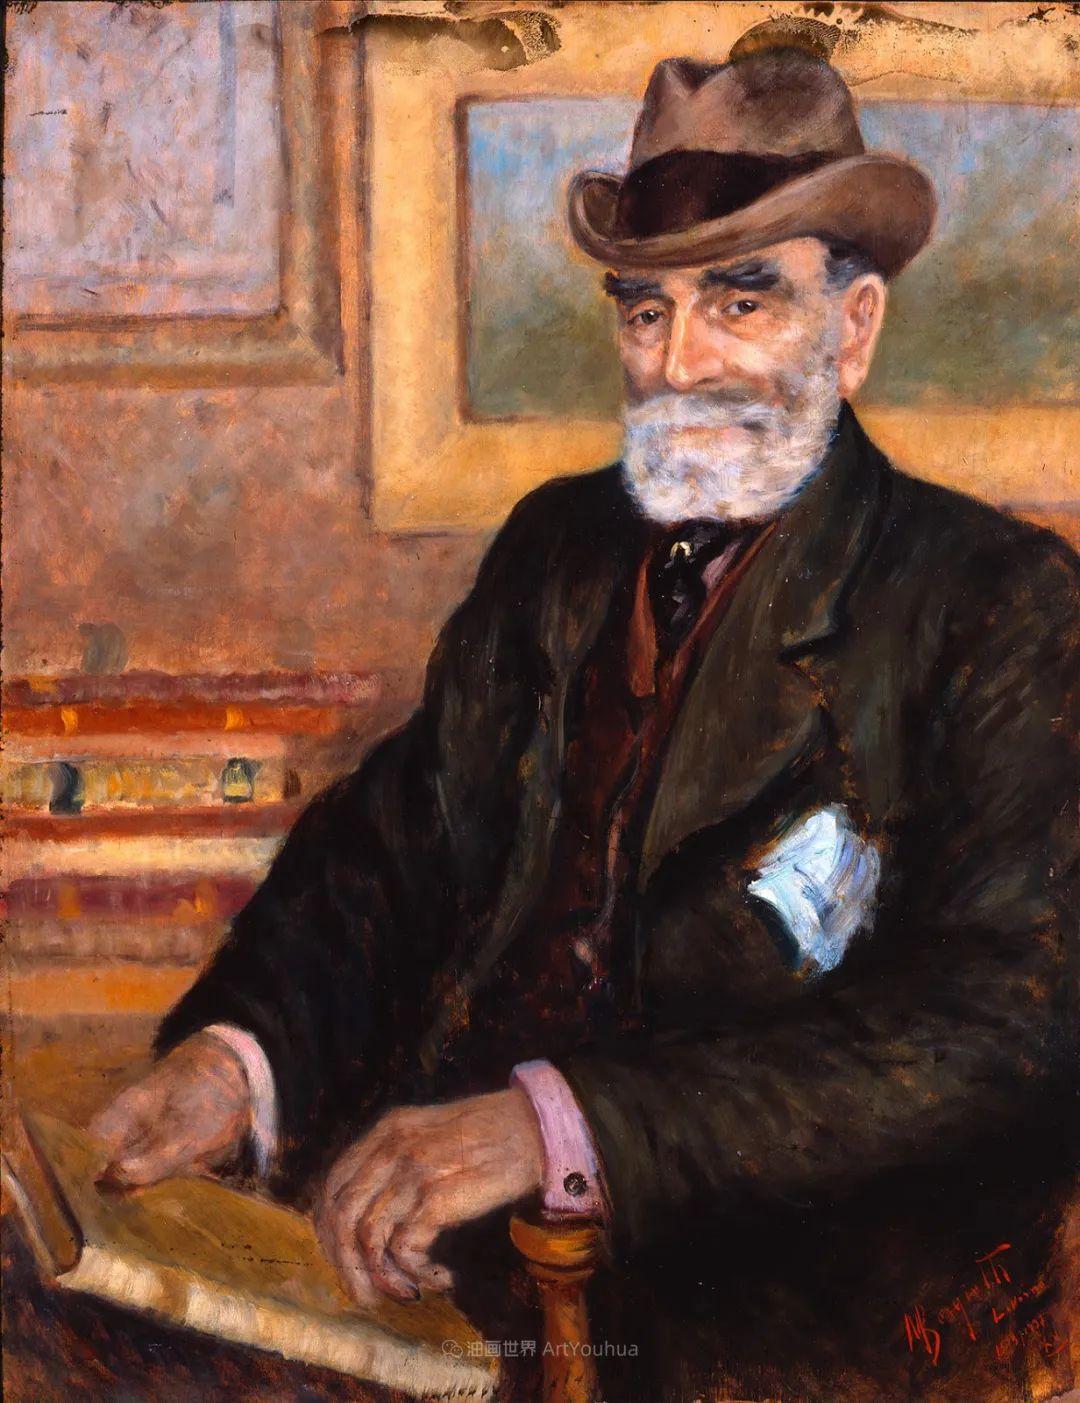 后斑痕画派,意大利画家乌尔维·利吉插图35